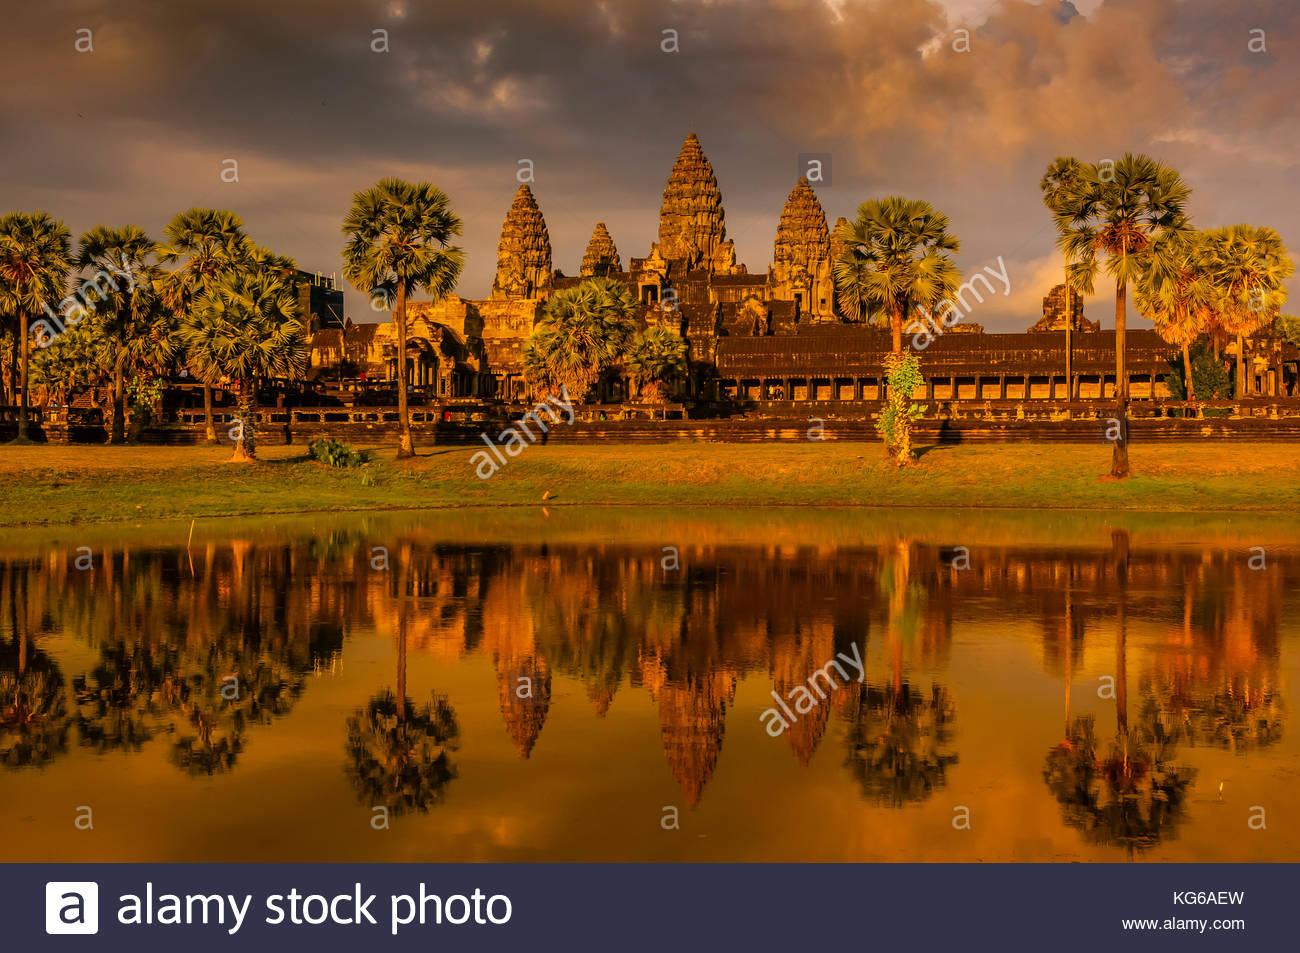 Angkor Wat, das größte religiöse Monument der Welt (bedeutet, Stadt, die ist ein Tempel); Kambodscha. Stockfoto